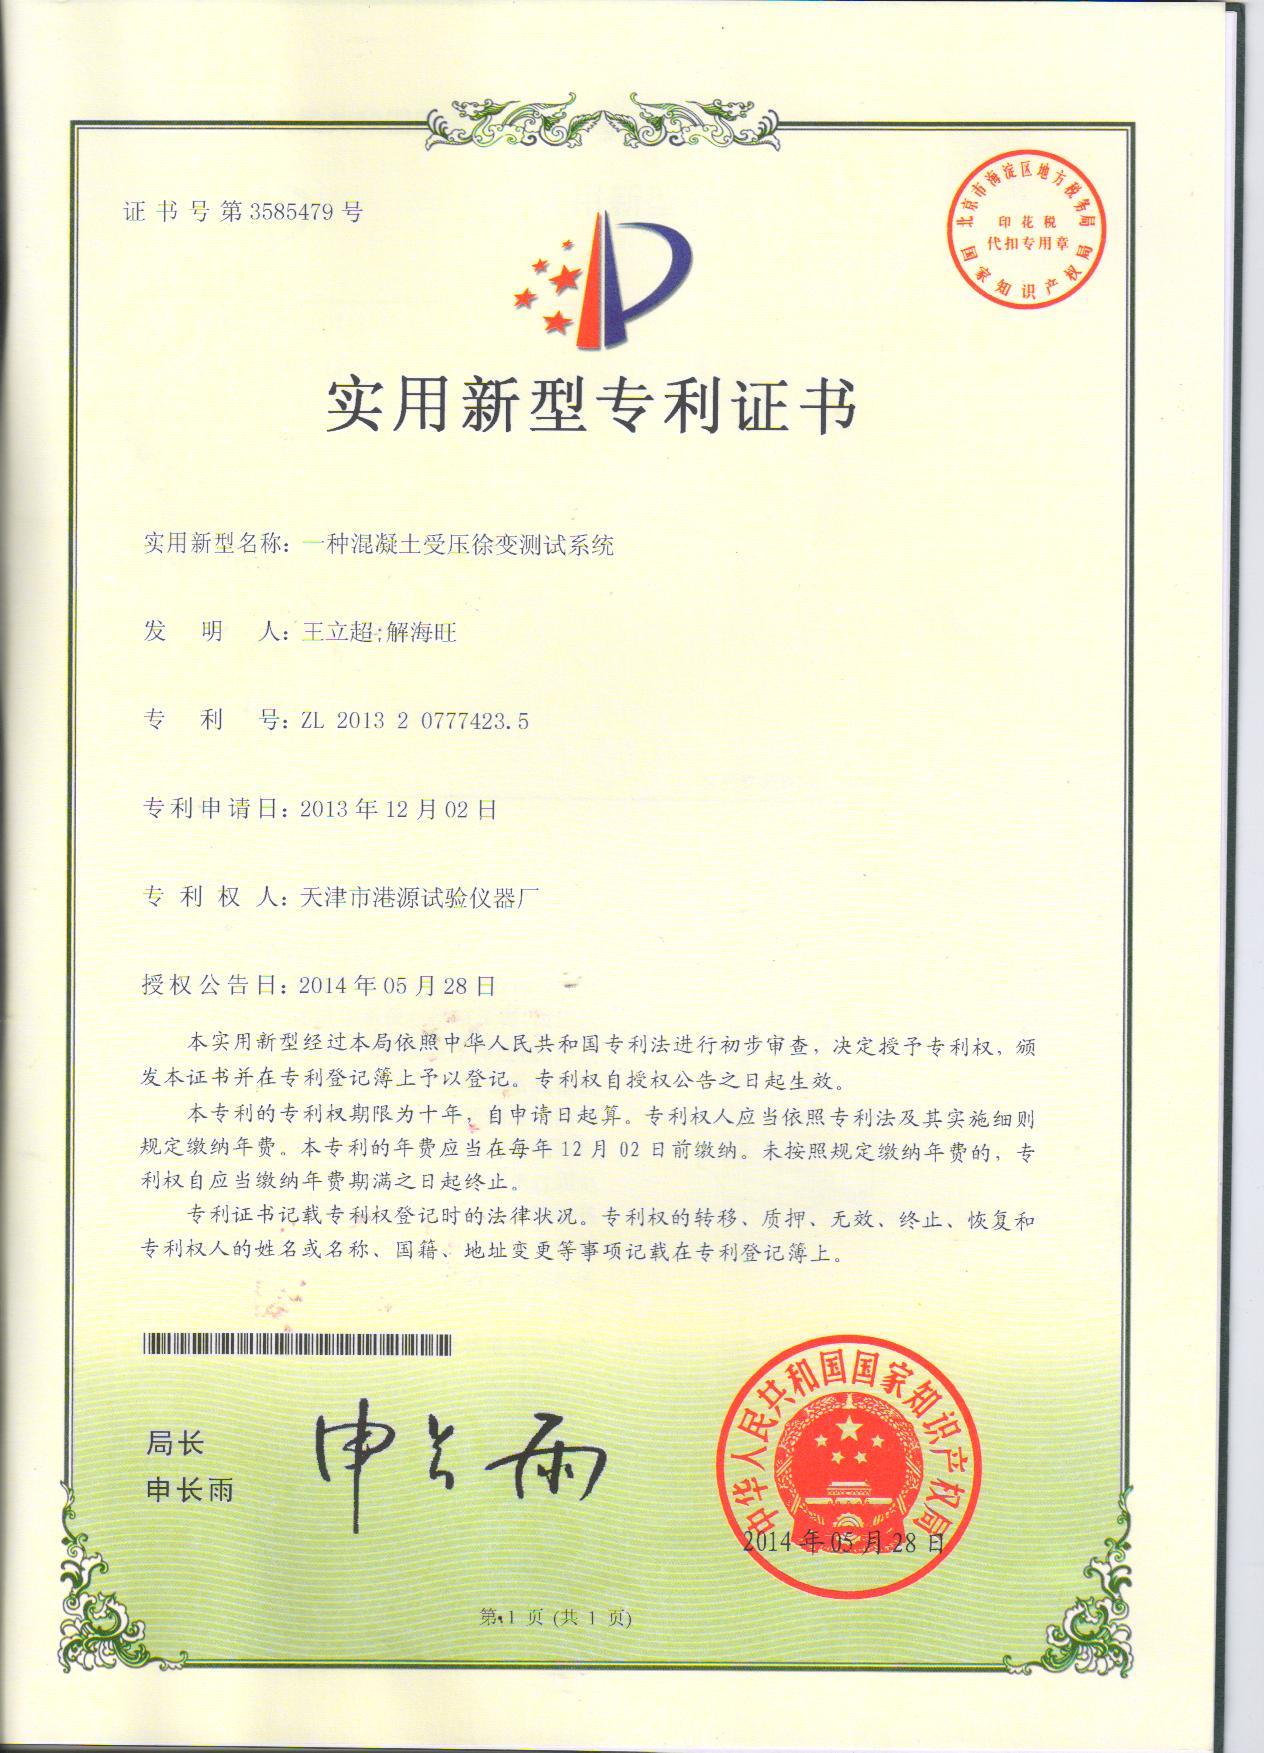 混凝土徐变试验机专利证书